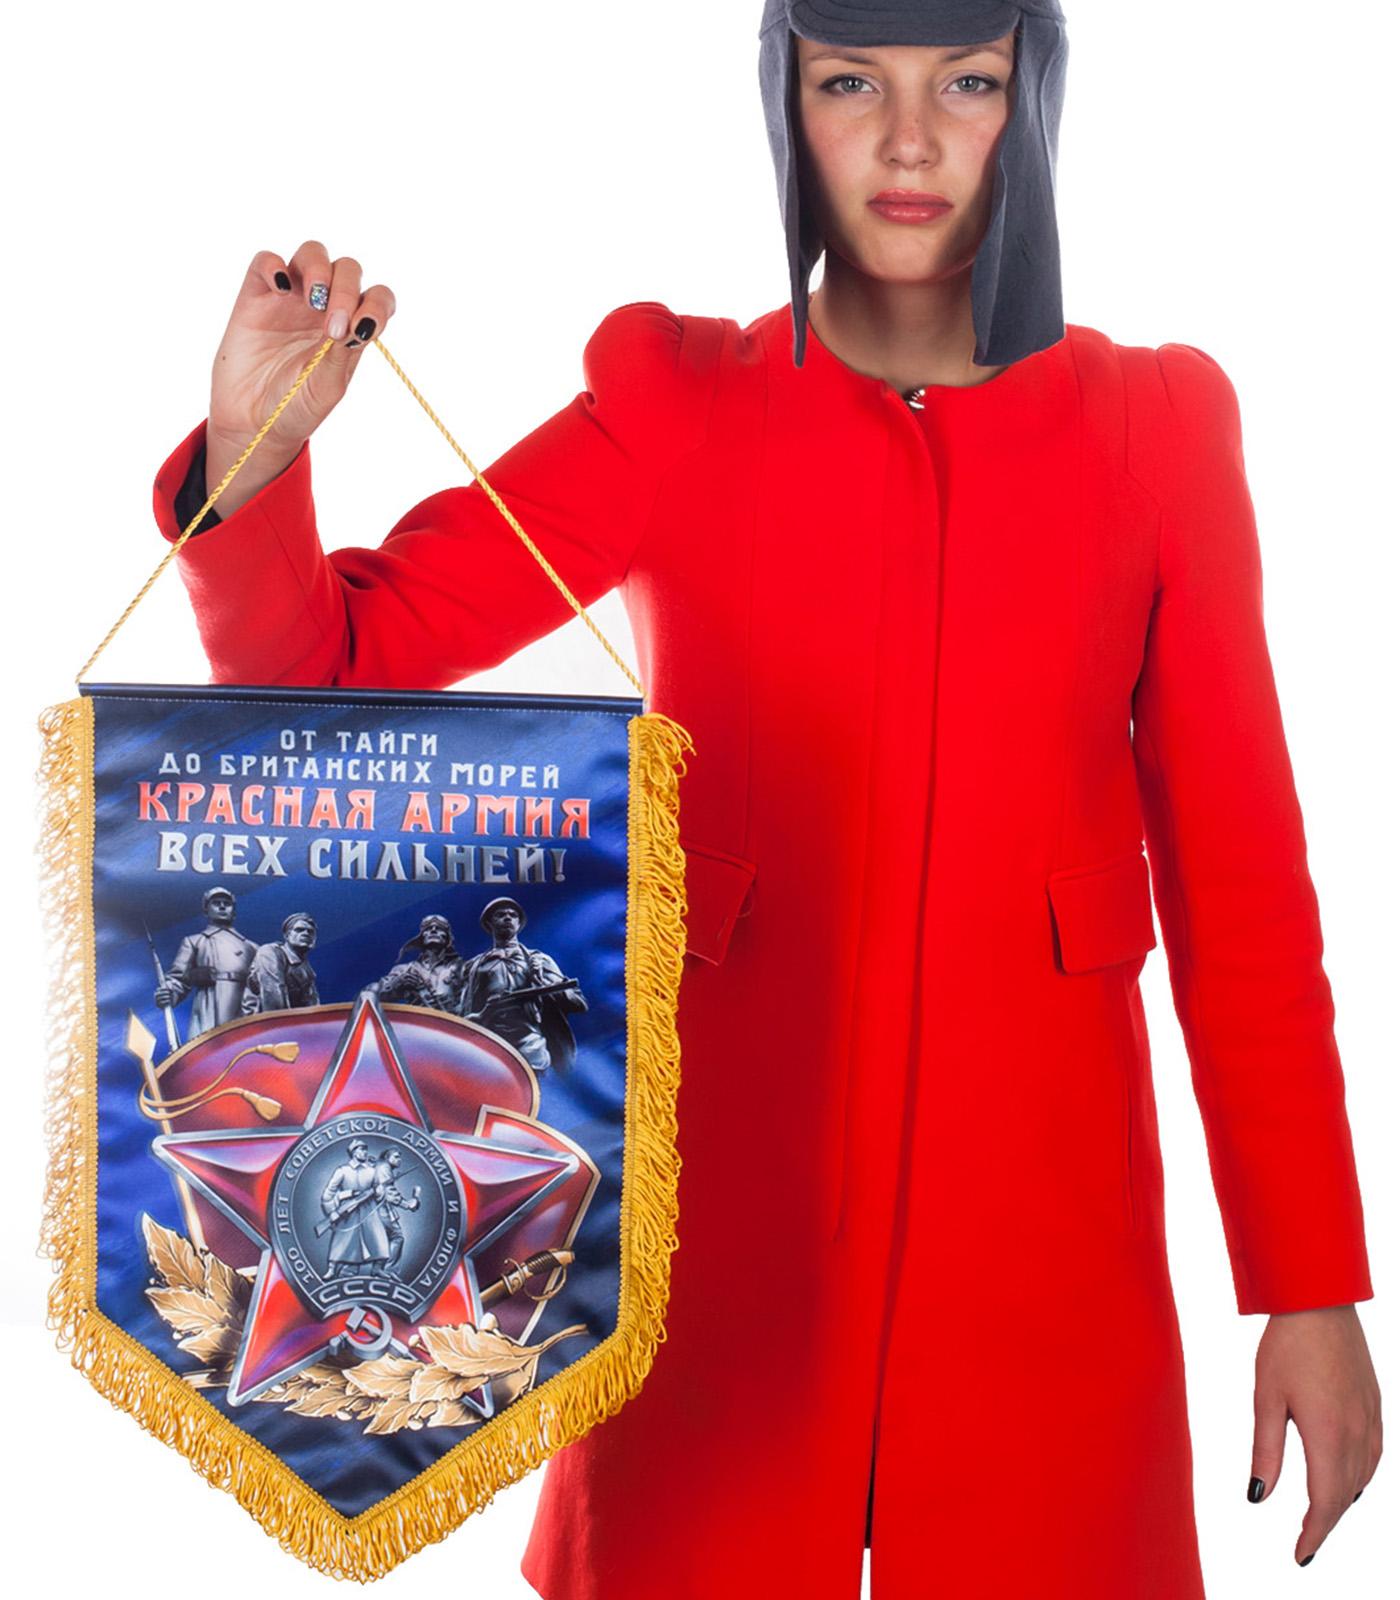 """Заказать юбилейный вымпел """"Красная Армия всех сильней!"""""""